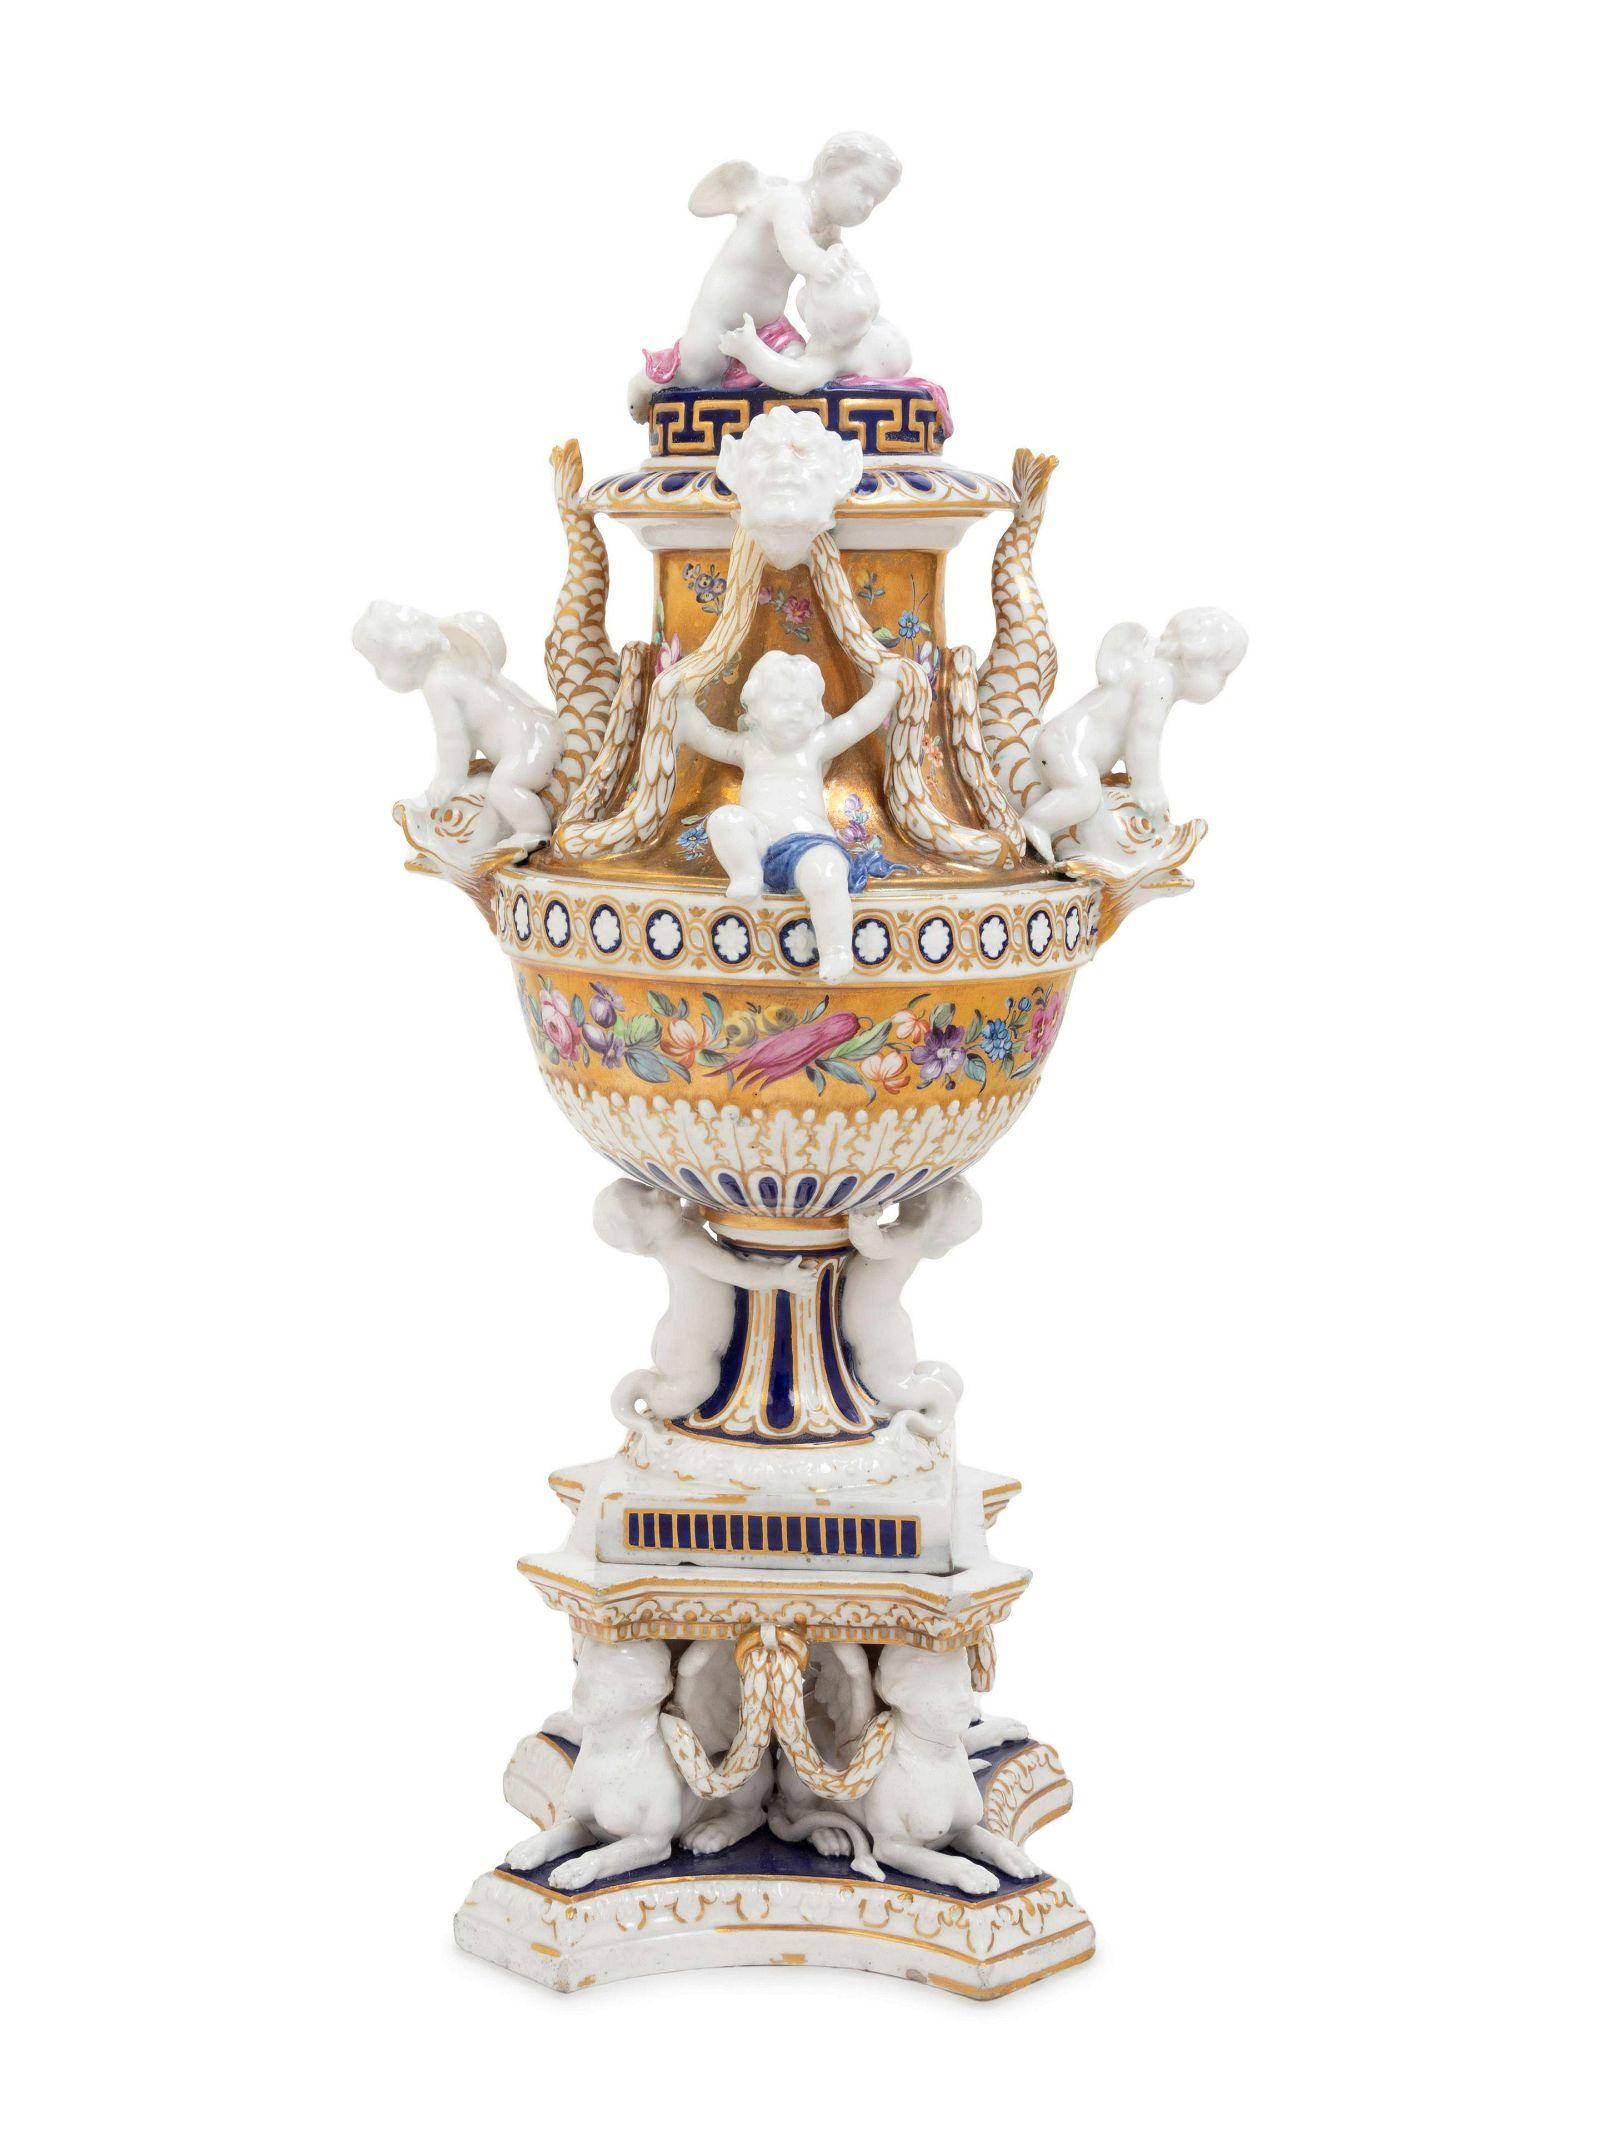 A Derby Porcelain Centerpiece